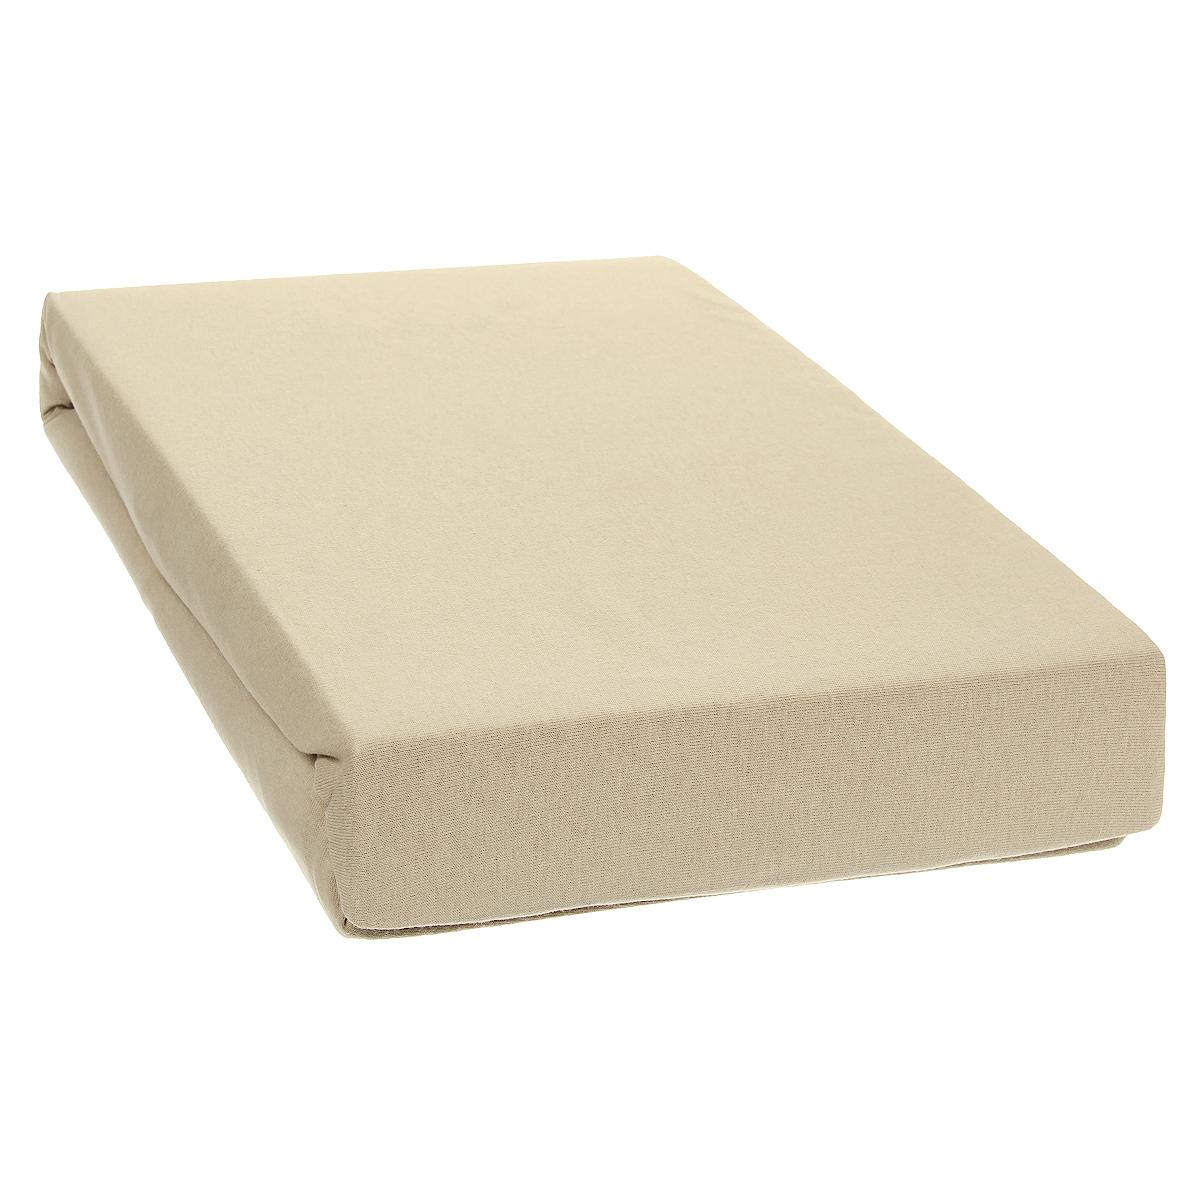 Простыня на резинке Tete-a-Tete, цвет: бежевый, 180 х 200 смТ-ПР-6018Однотонная простыня на резинке Tete-a-Tete выполнена из натурального хлопка. Высочайшее качество материала гарантирует безопасность не только взрослых, но и самых маленьких членов семьи. Простыня гармонично впишется в интерьер вашего дома и создаст атмосферу уюта и комфорта. Особенности коллекции Tete-a-Tete: - выдерживает более 100 стирок практически без изменения внешнего вида, - модные цвета и стойкие оттенки, - минимальная усадка, - надежные резинки и износостойкая ткань, - безупречное качество, - гиппоаллергенно. Коллекция Tete-a-Tete специально создана для практичных людей, которые ценят качество и долговечность вещей, окружают своих близких теплотой и заботой. Высота до 25 см.